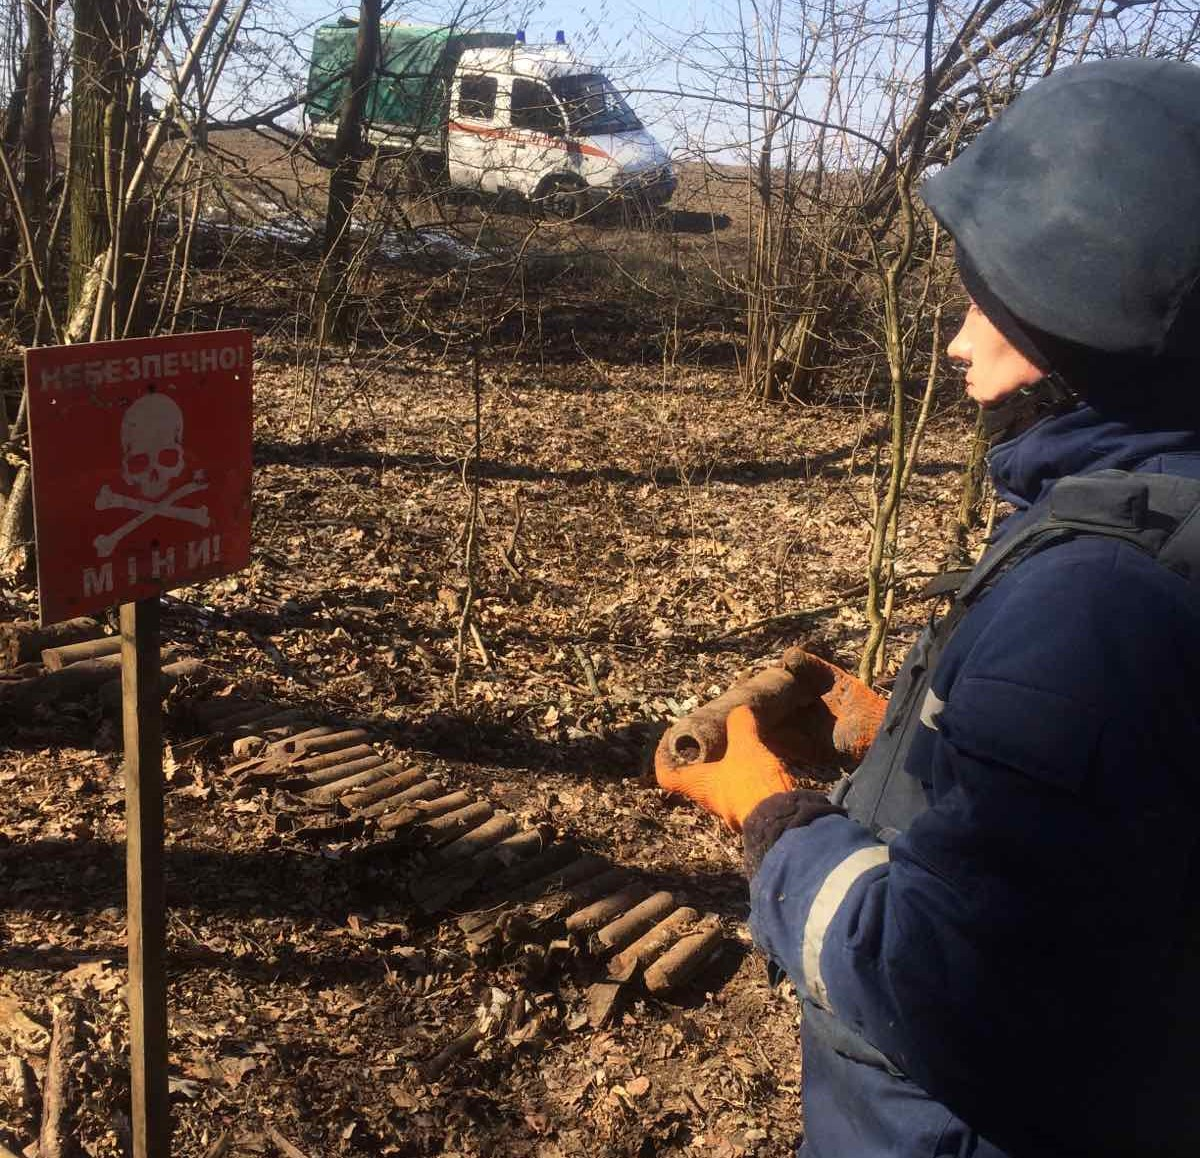 На Білоцерківщині знищили арсенал вибухонебезпечних предметів - Білоцерківський район - IMG 3efafe3ff23a5f42205bdc60b26cc96f V